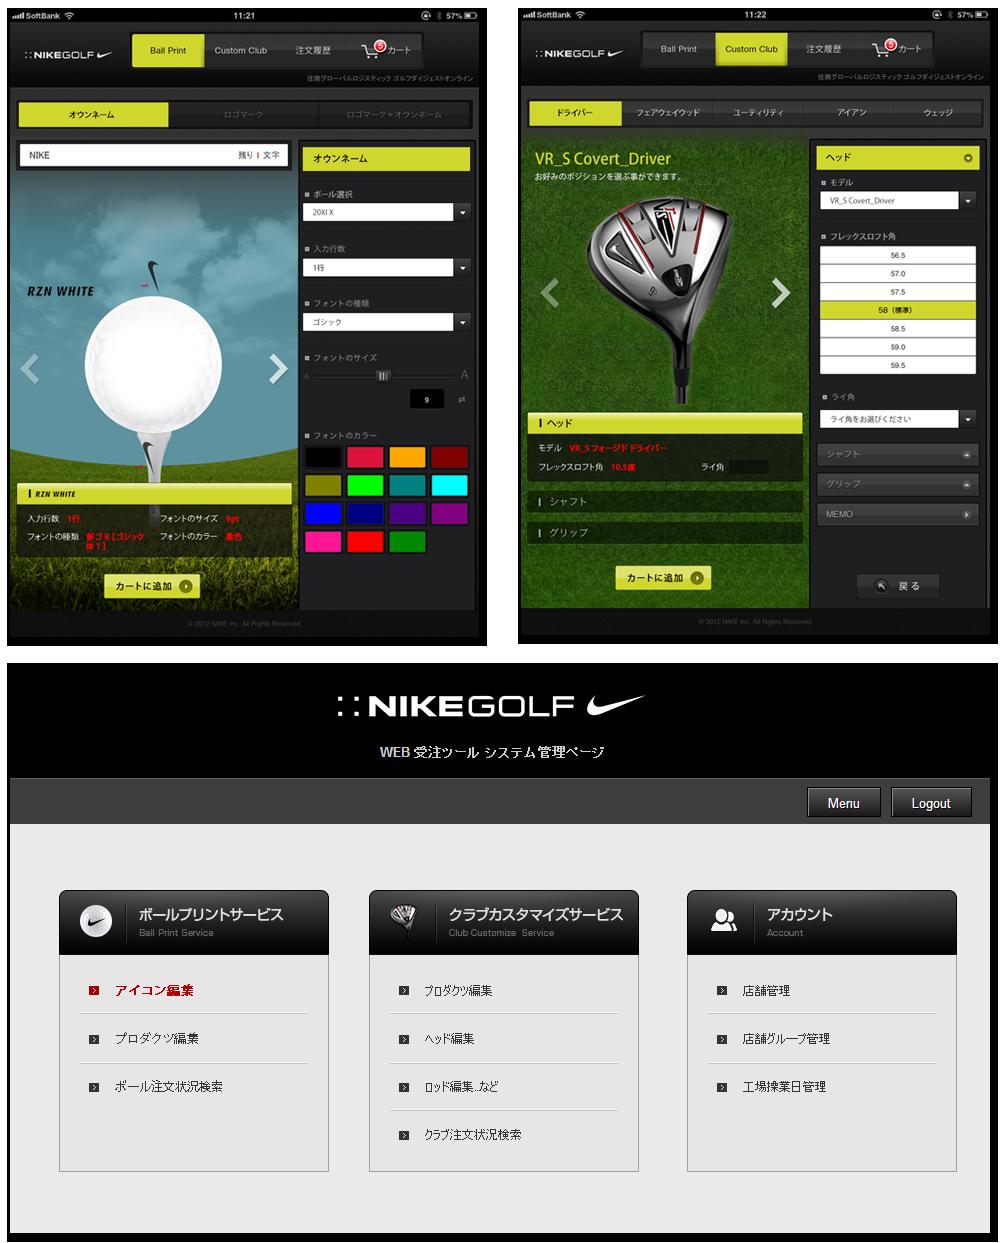 ゴルフメーカー オンデマンドカスタマイズサービスの操作画面